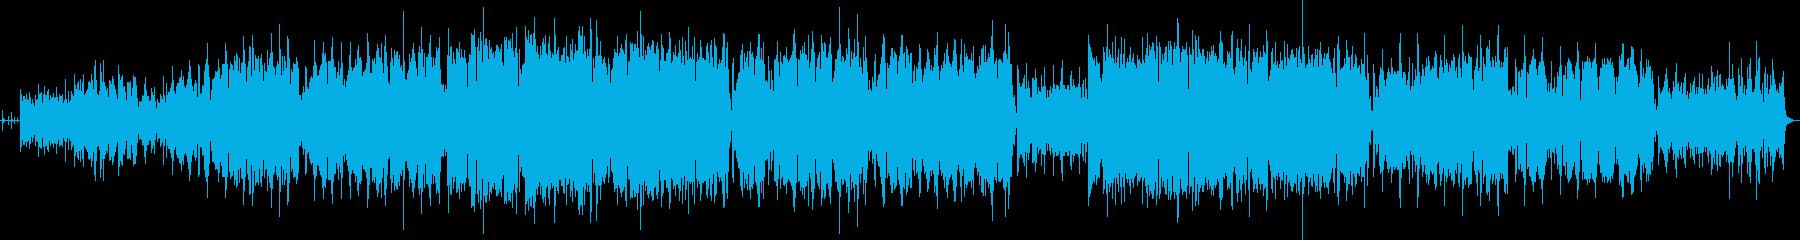 フラメンコギターのオリジナルフラメンコ曲の再生済みの波形